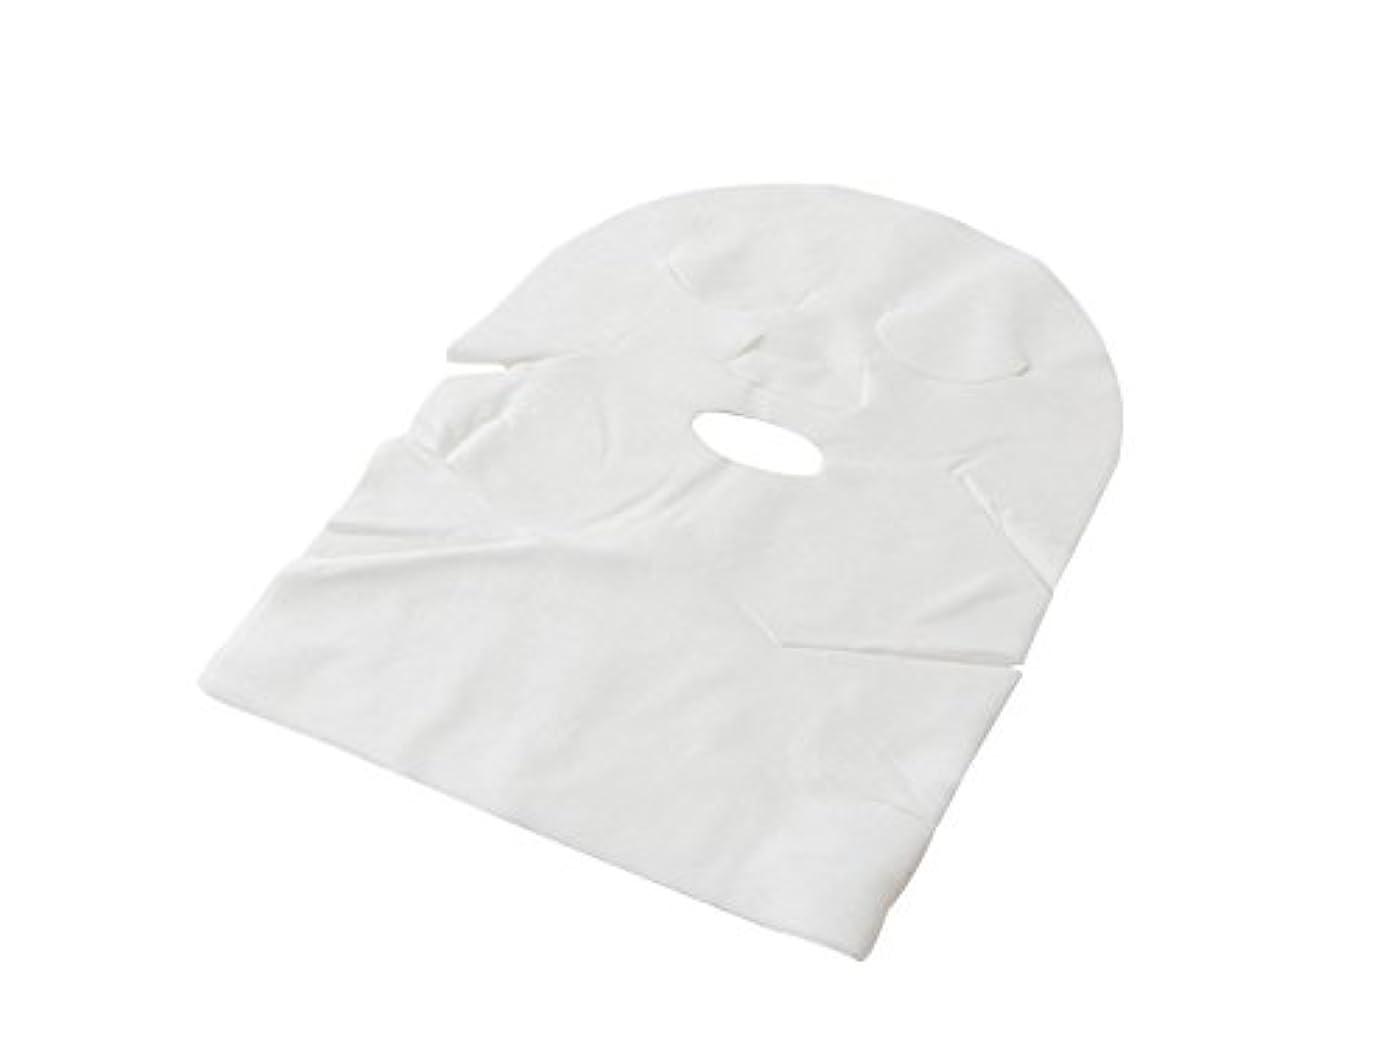 着飾る織機うん【業務用 高品質】フェイスマスク フェイスシート ネック付 化粧水パック/ローションパック用